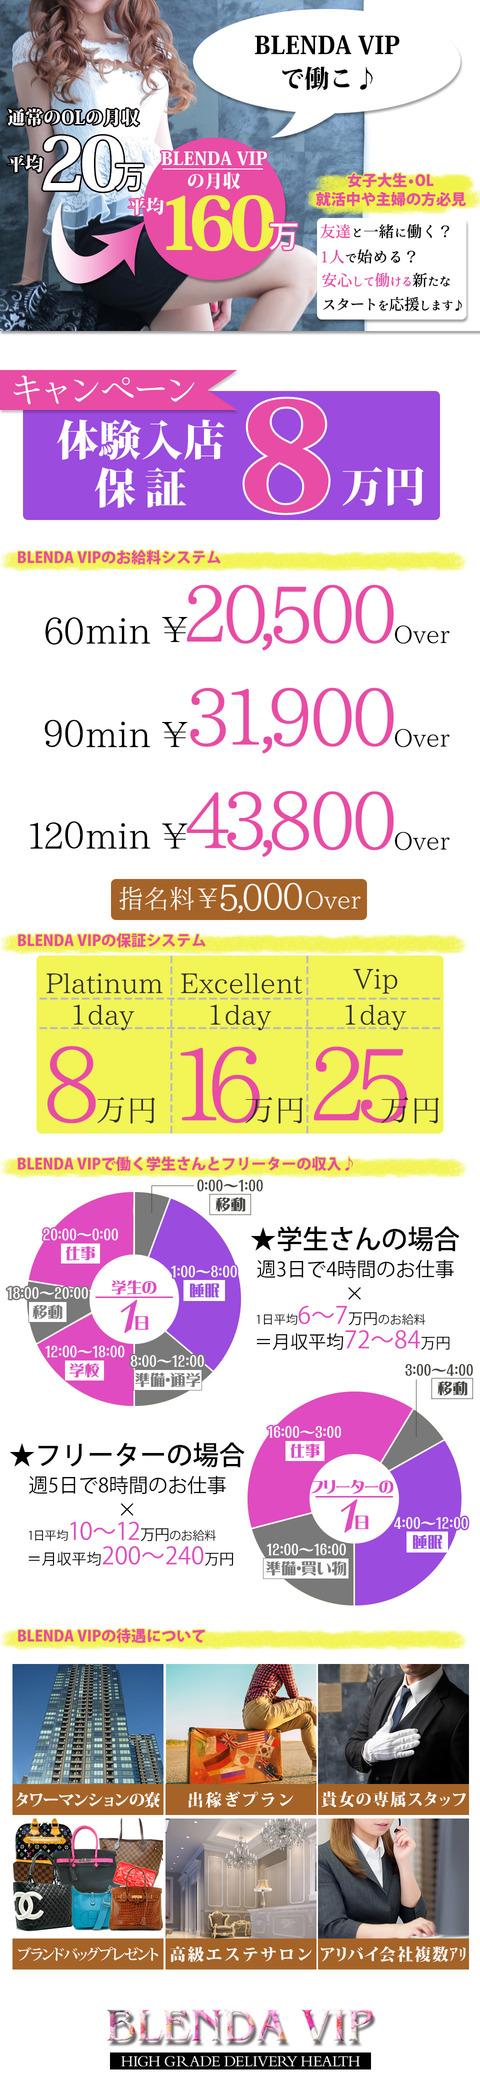 CLUB BLENDA VIP(クラブブレンダ ビップ) 求人内容詳細